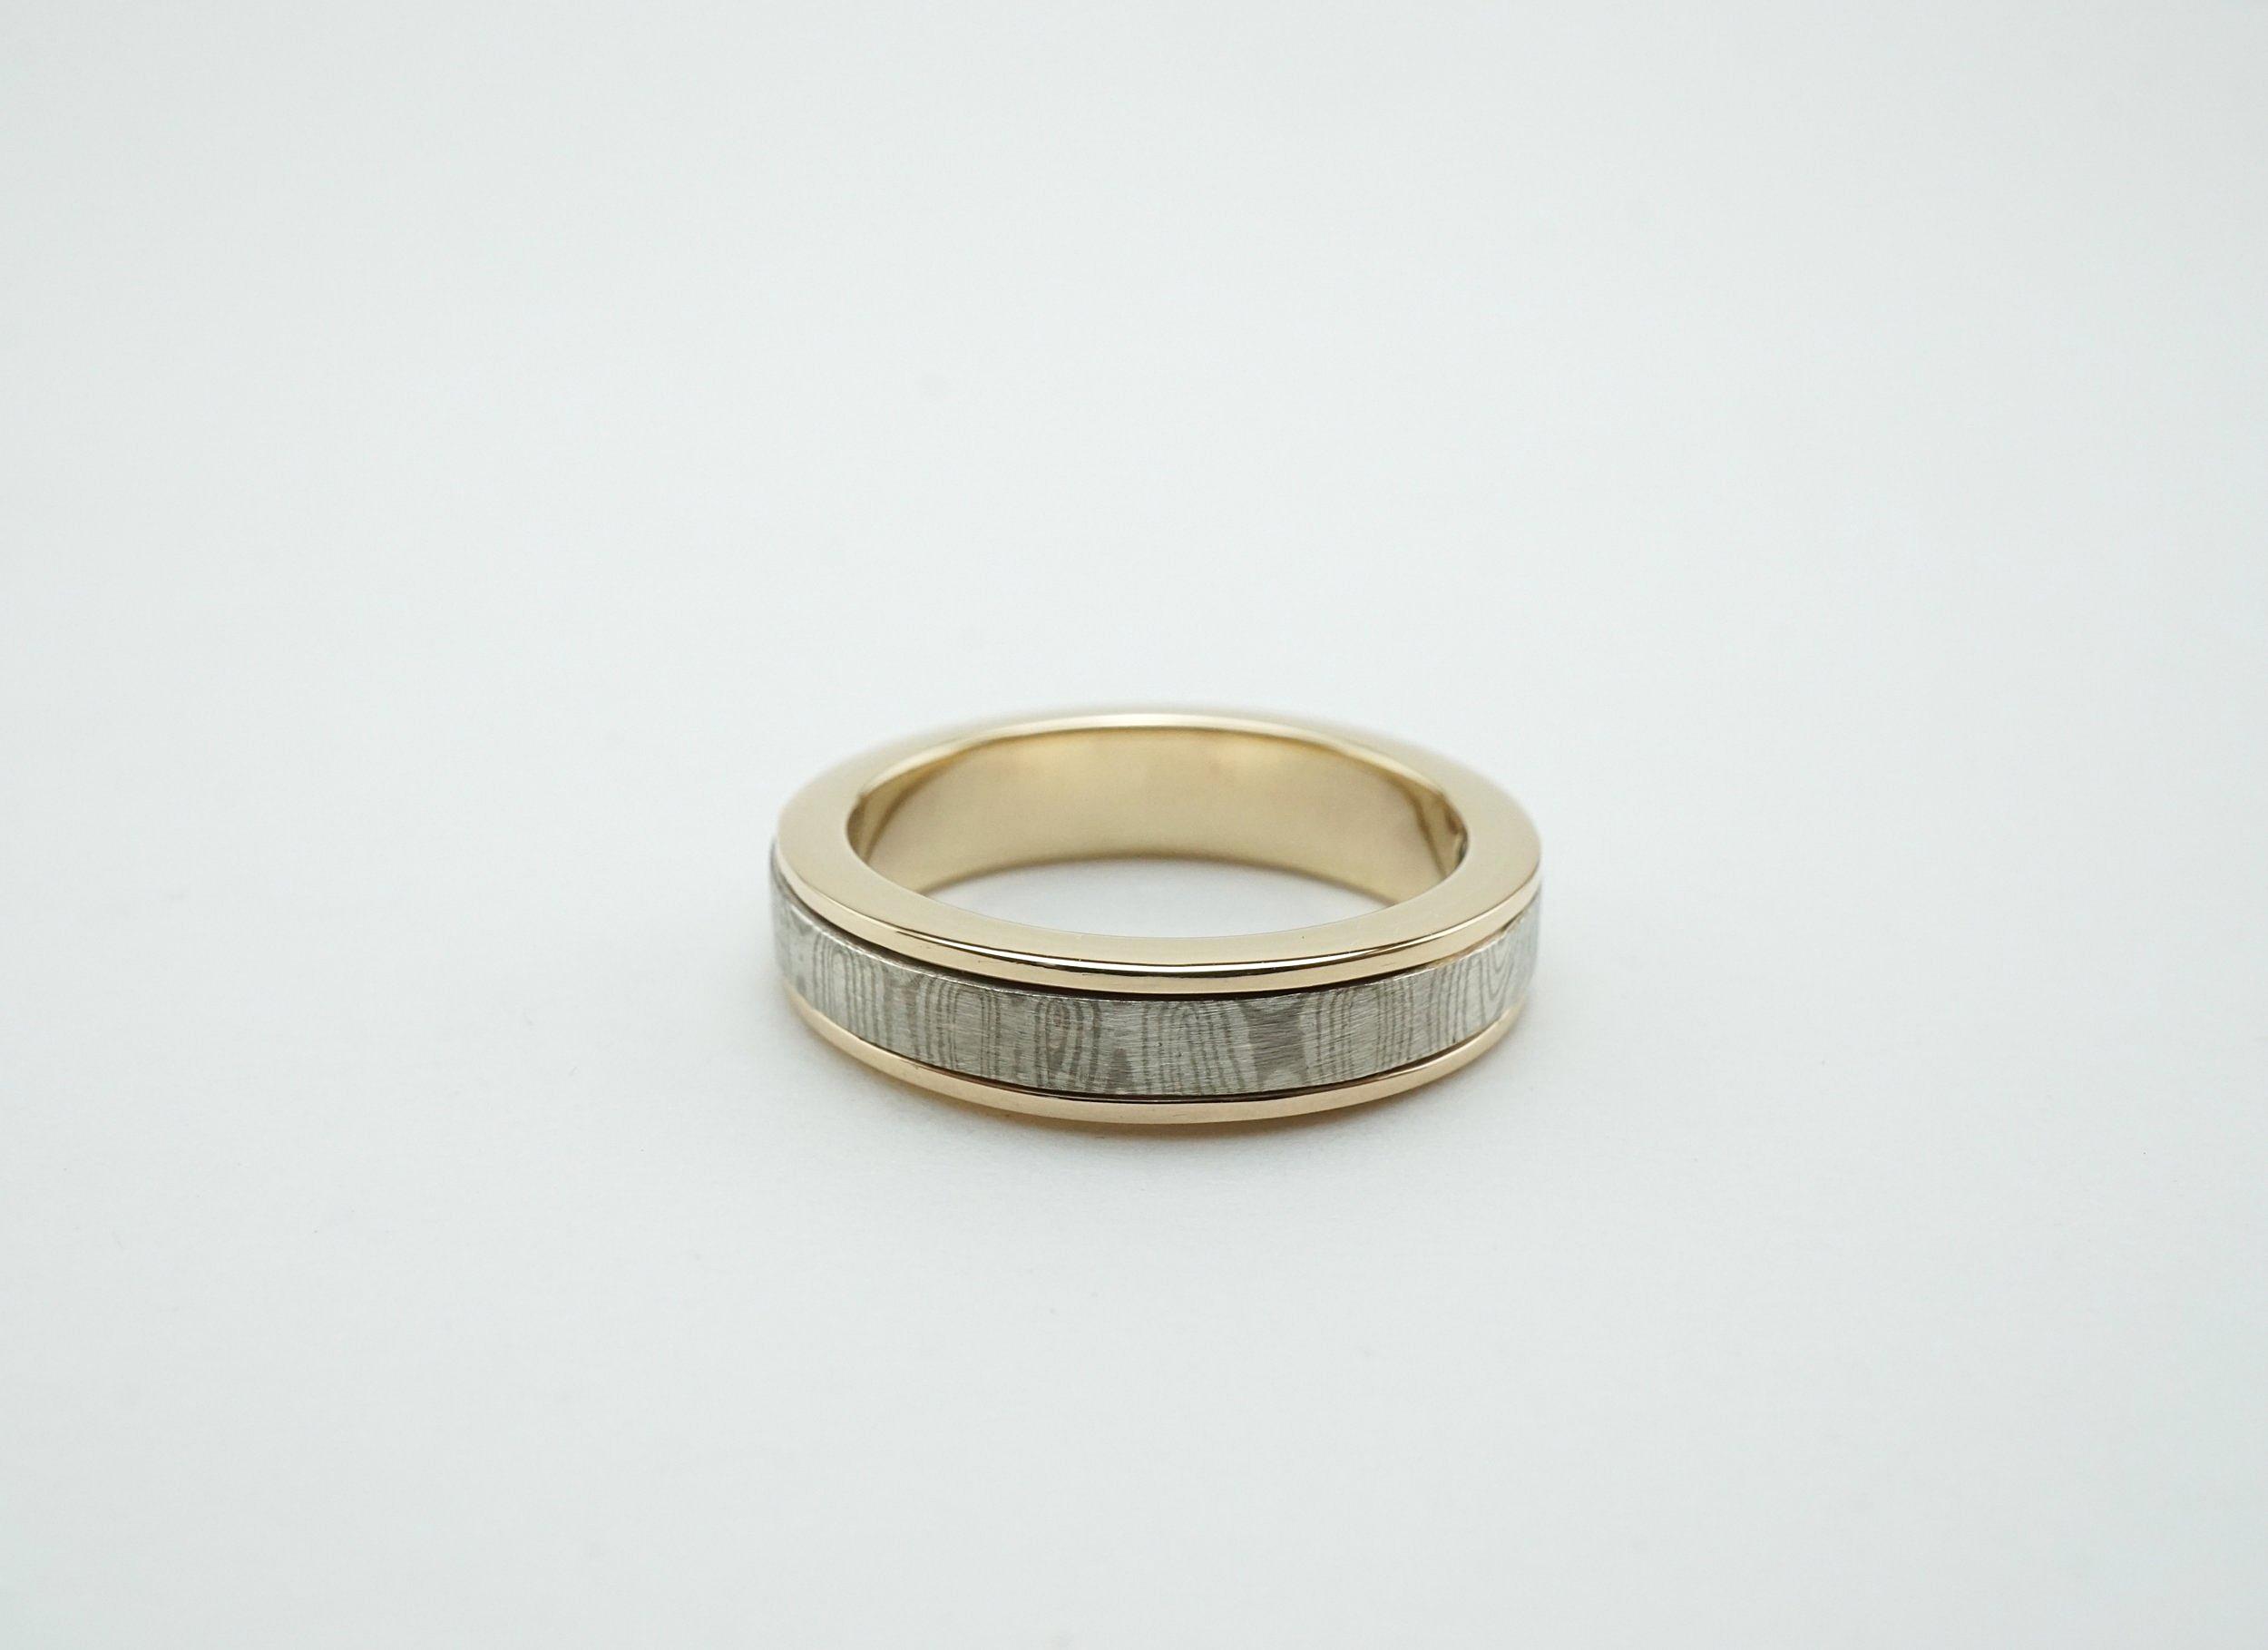 14k Mokume-gane spinner wedding ring